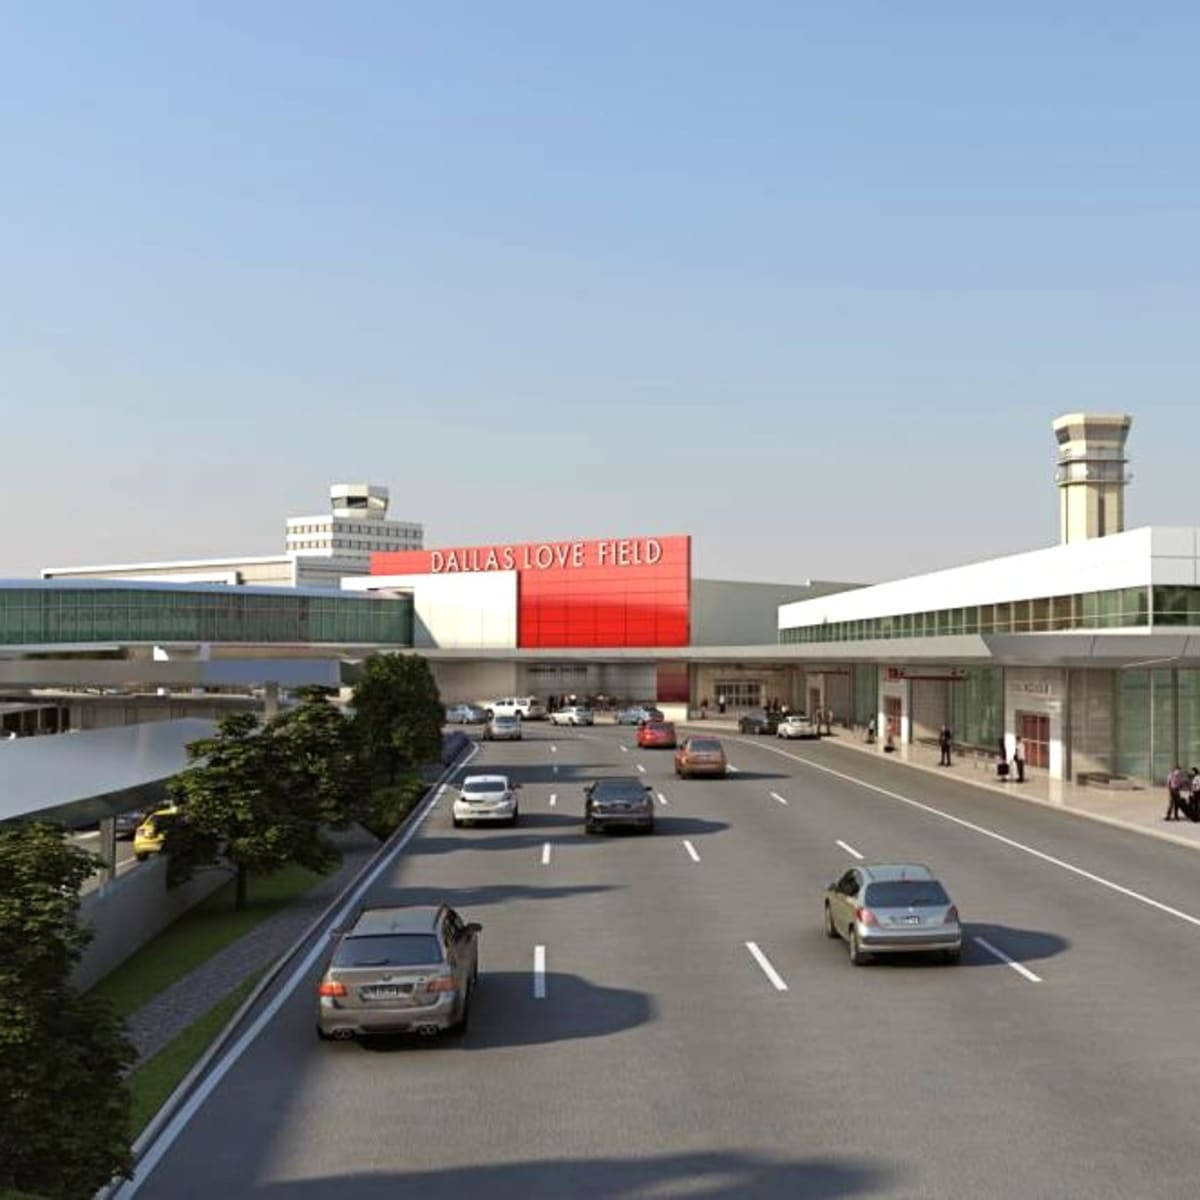 Dallas Love Field airport